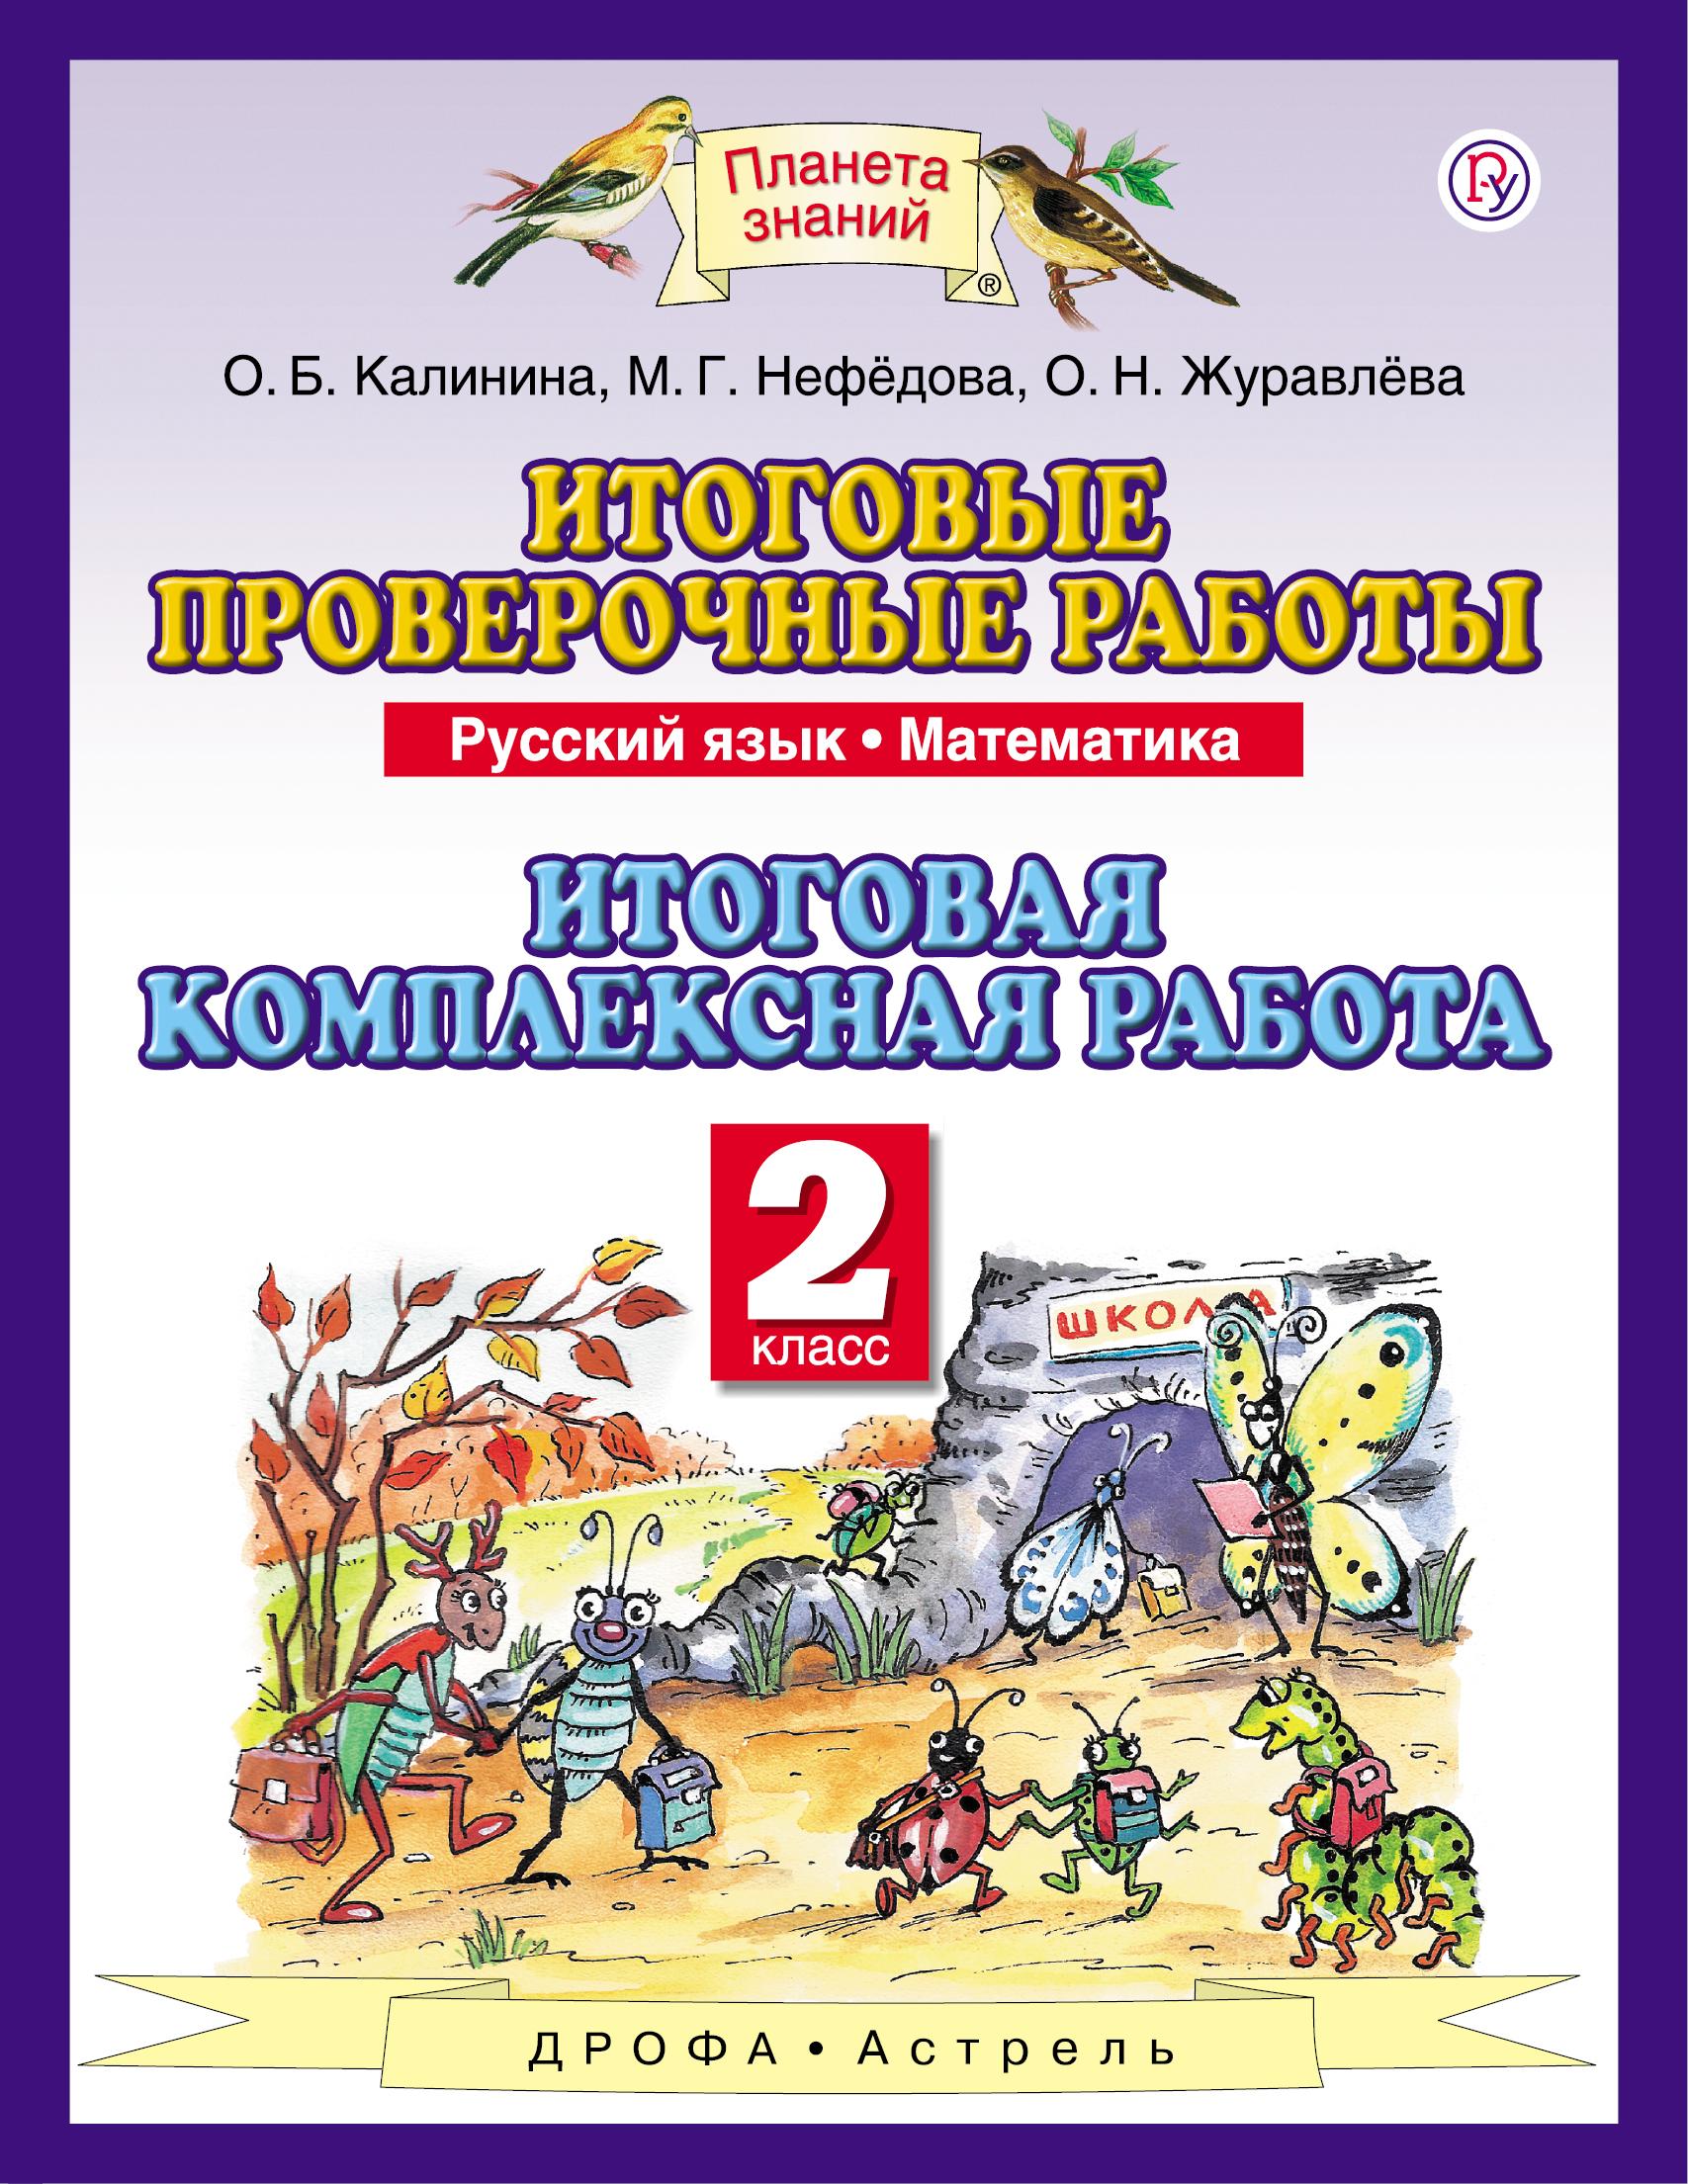 Русский язык. 2 класс. Математика. 2 класс. Итоговые проверочные работы